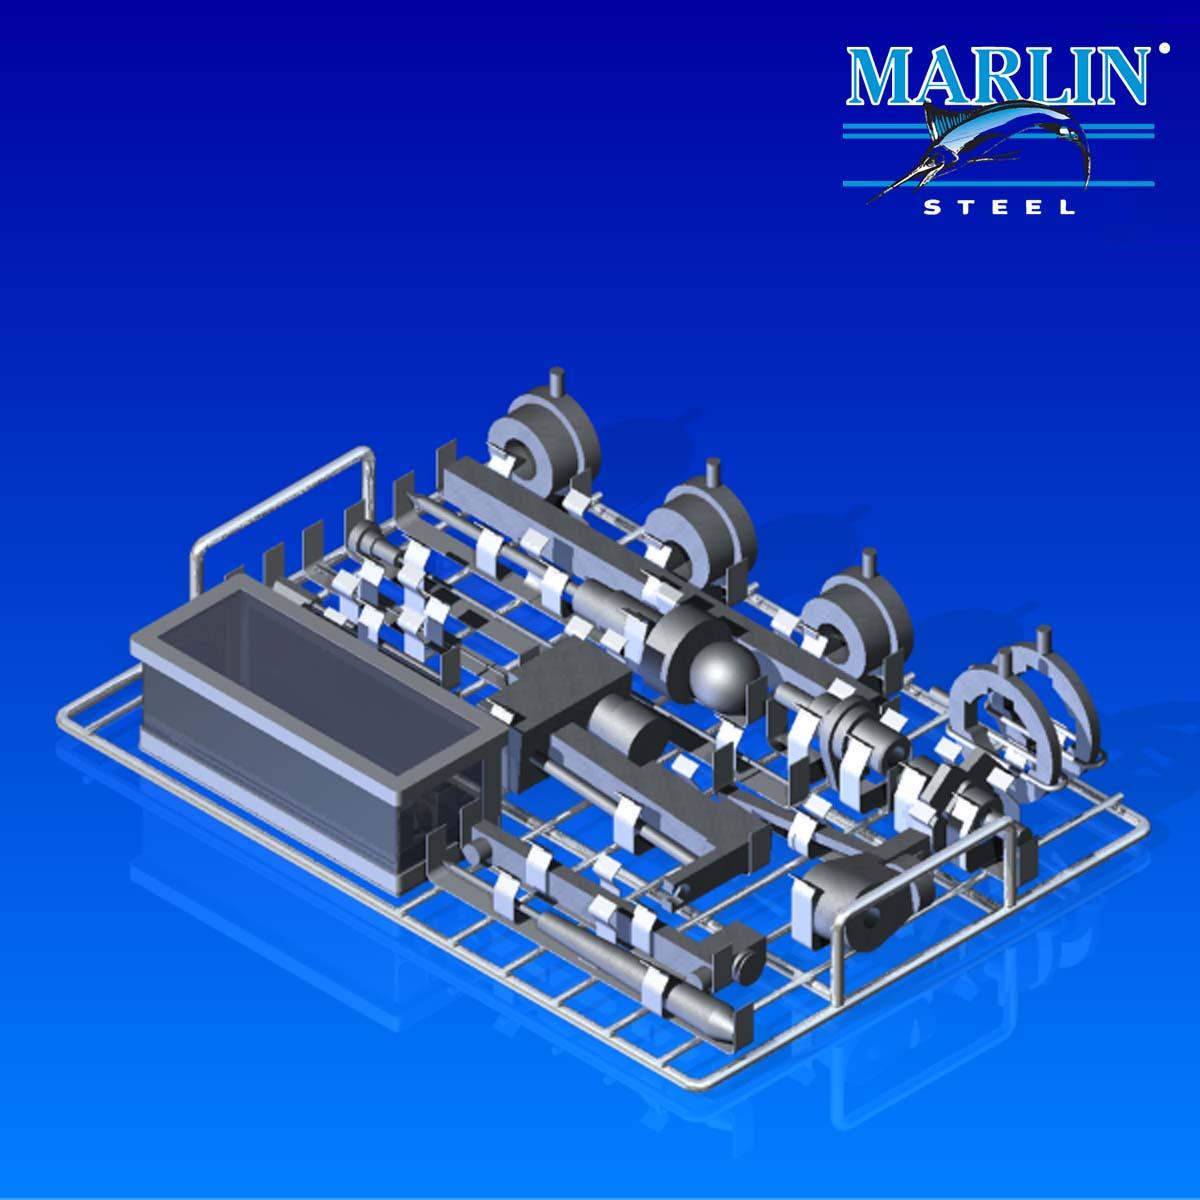 Marlin Steel Wire Basket 727004.jpg